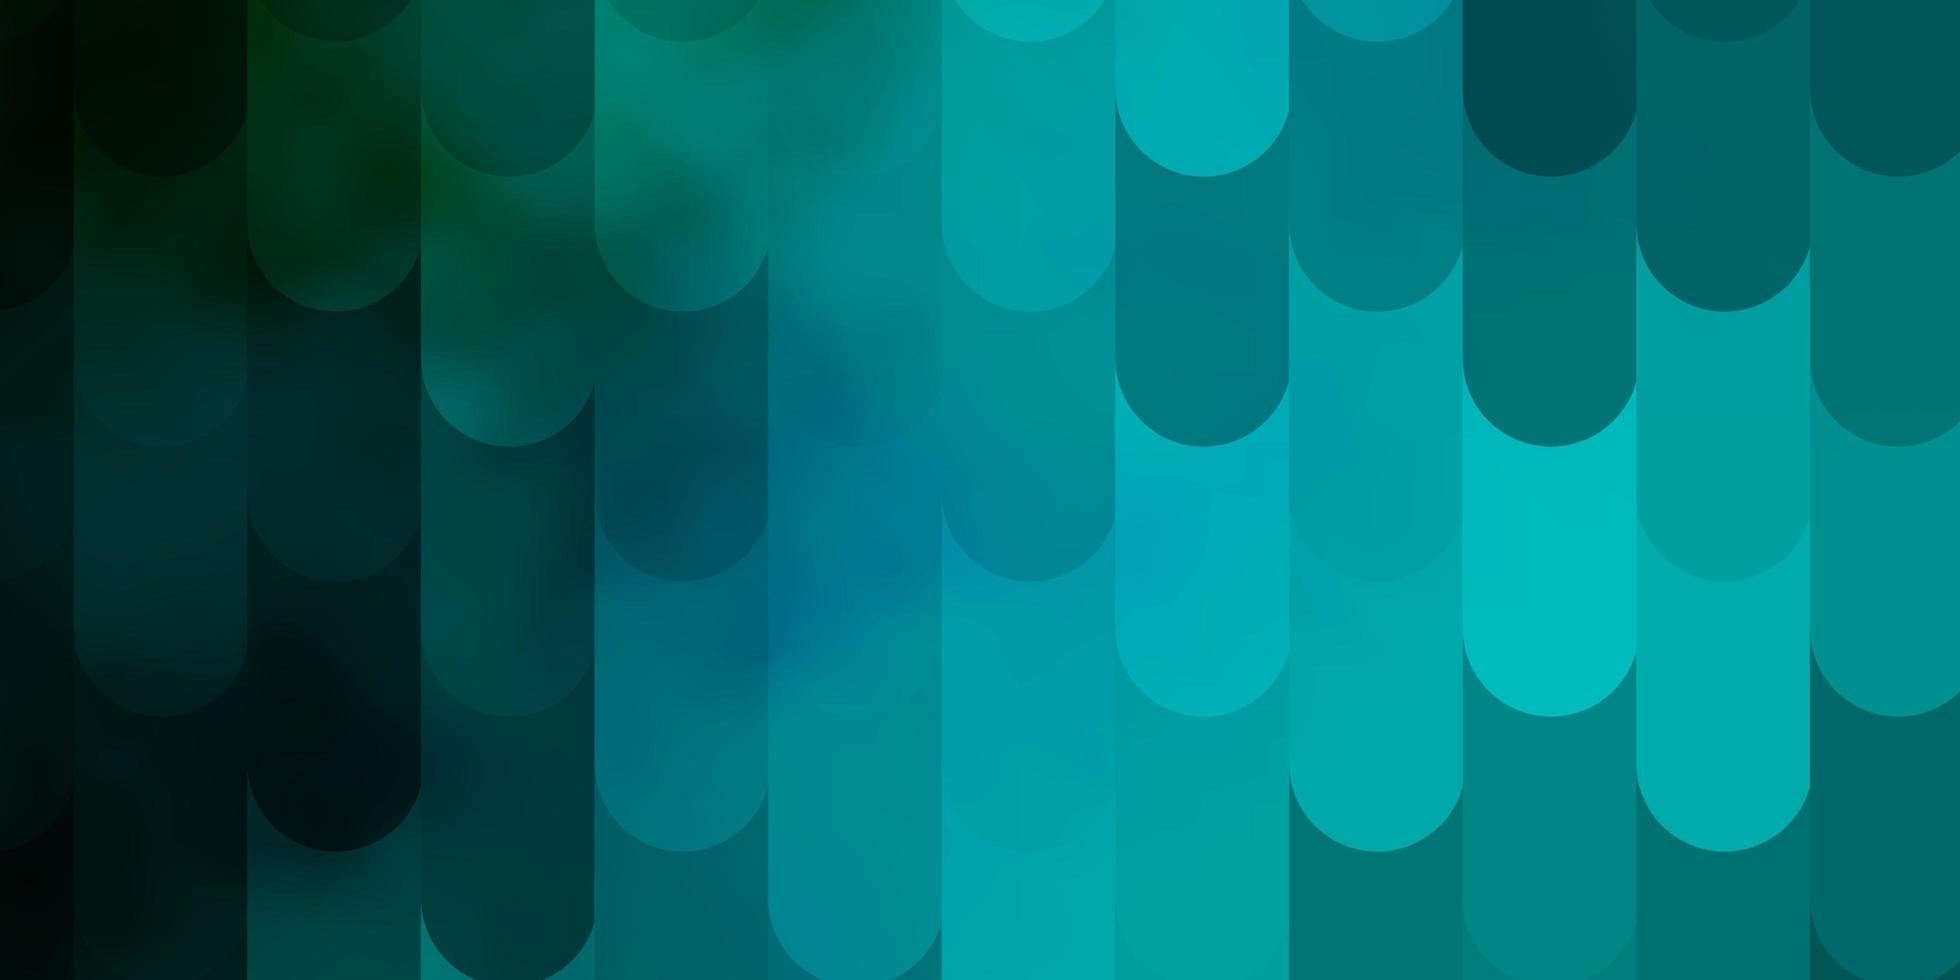 texture de vecteur bleu clair, vert avec des lignes.